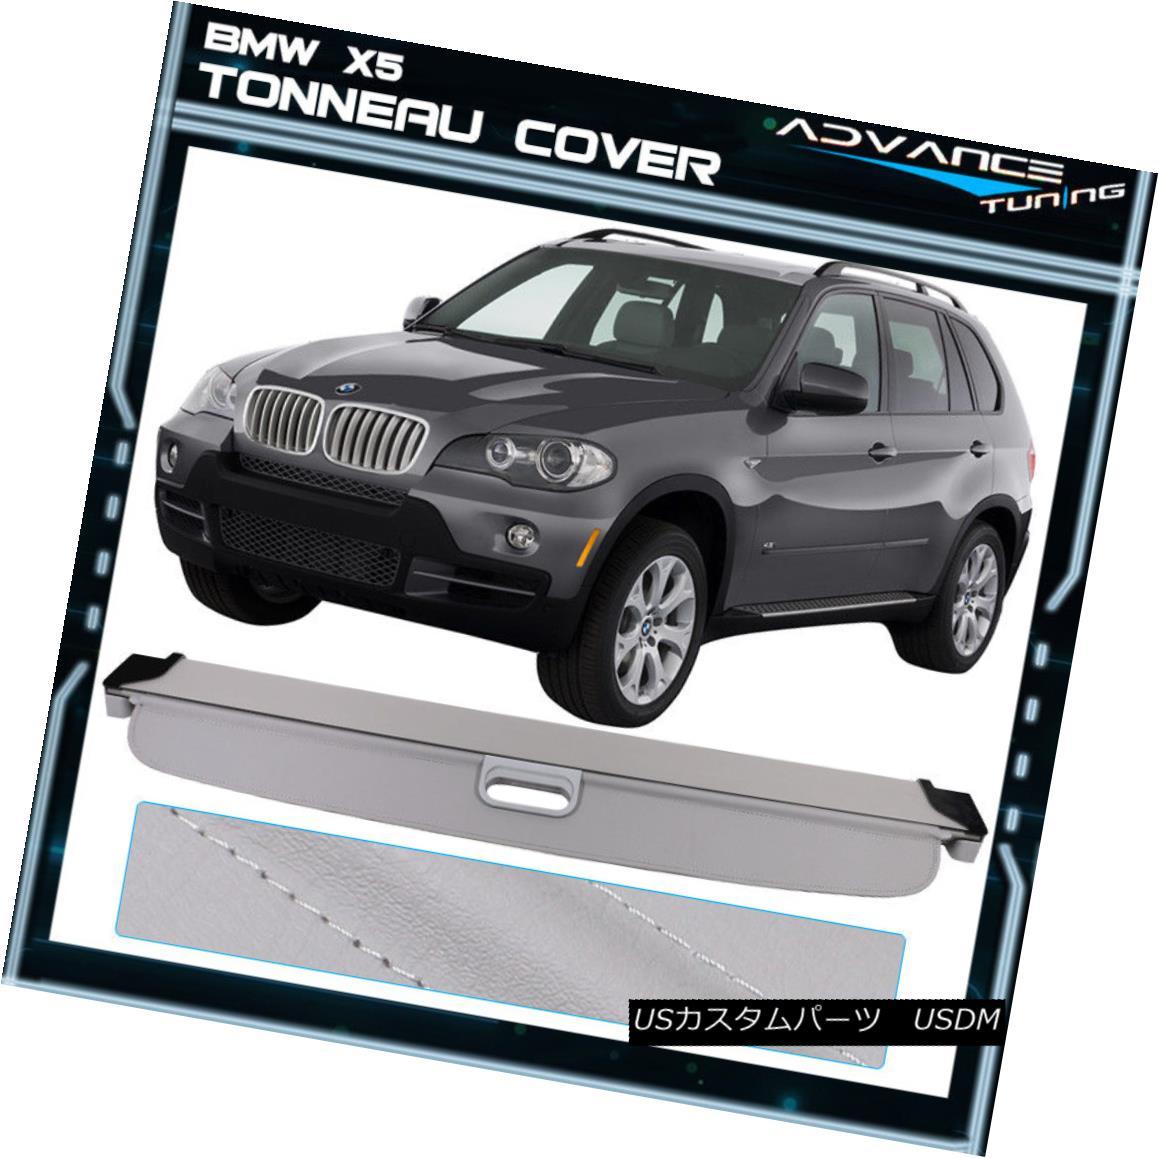 エアロパーツ For 07-13 BMW X5 Tonneau Cover Grey Rear Cargo Cover - Urethane 07-13 BMW X5トノーカバーグレーリアーカーゴカバー - ウレタン